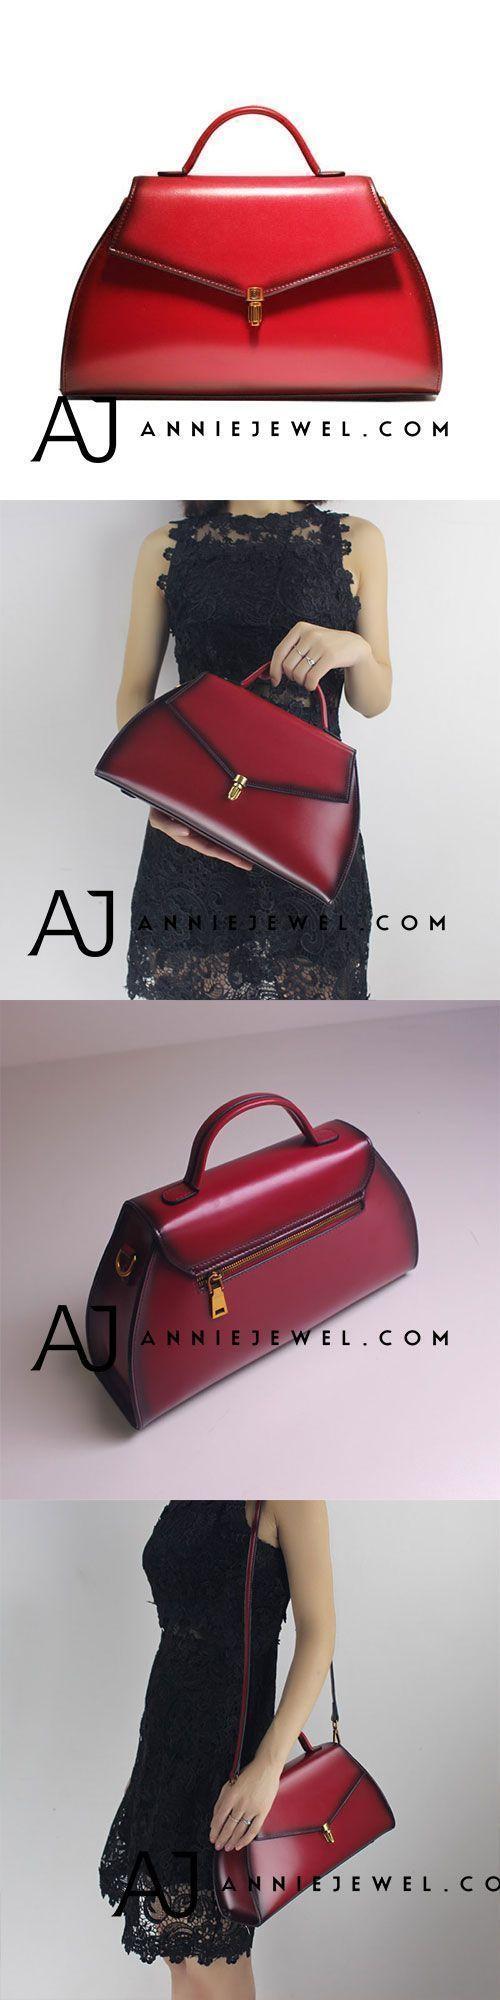 GENUINE LEATHER HANDBAG SHOULDER BAG CROSSBODY BAG PURSE VINTAGE BAG CLUTCH FOR WOMEN #leatherhandbags #leatherbags